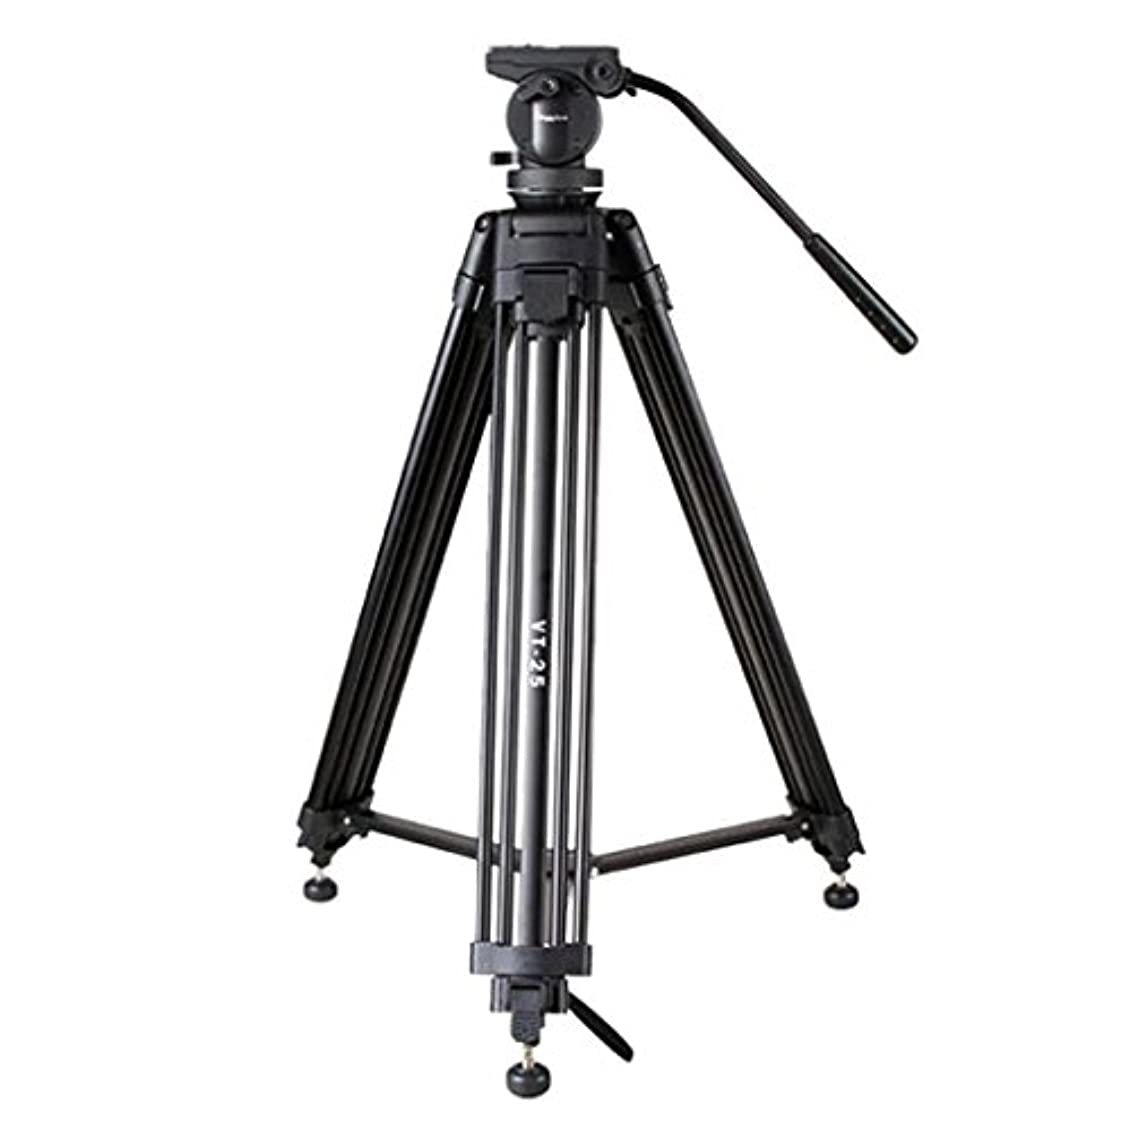 付き添い人プランターにじみ出る61インチ/ 155cmデジタル一眼レフ用フルードヘッド付きプロフェッショナルアルミニウムカメラビデオ三脚